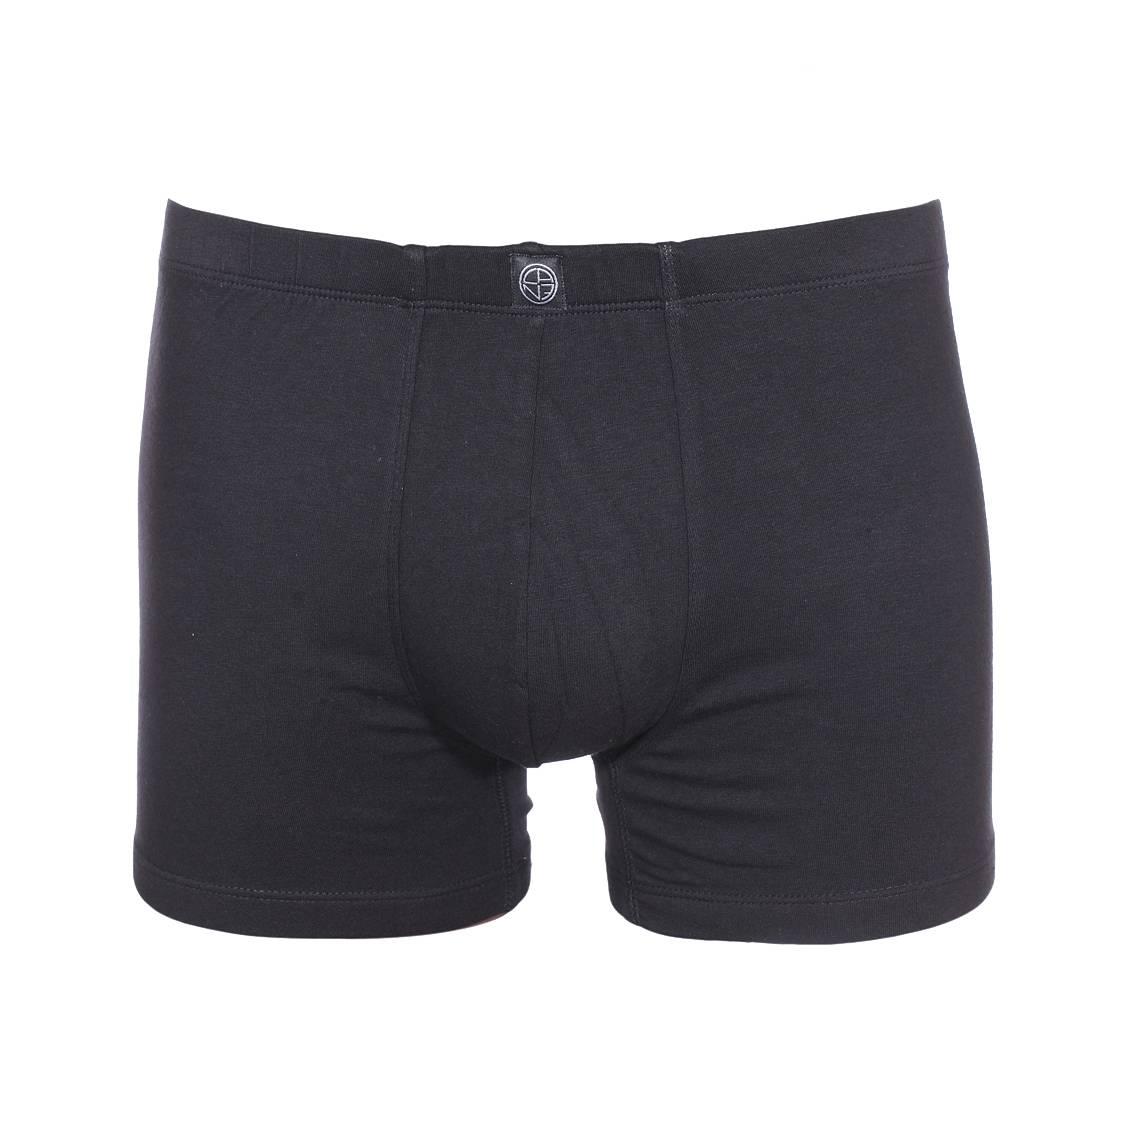 Boxer Bastia Christian Cane en coton stretch noir